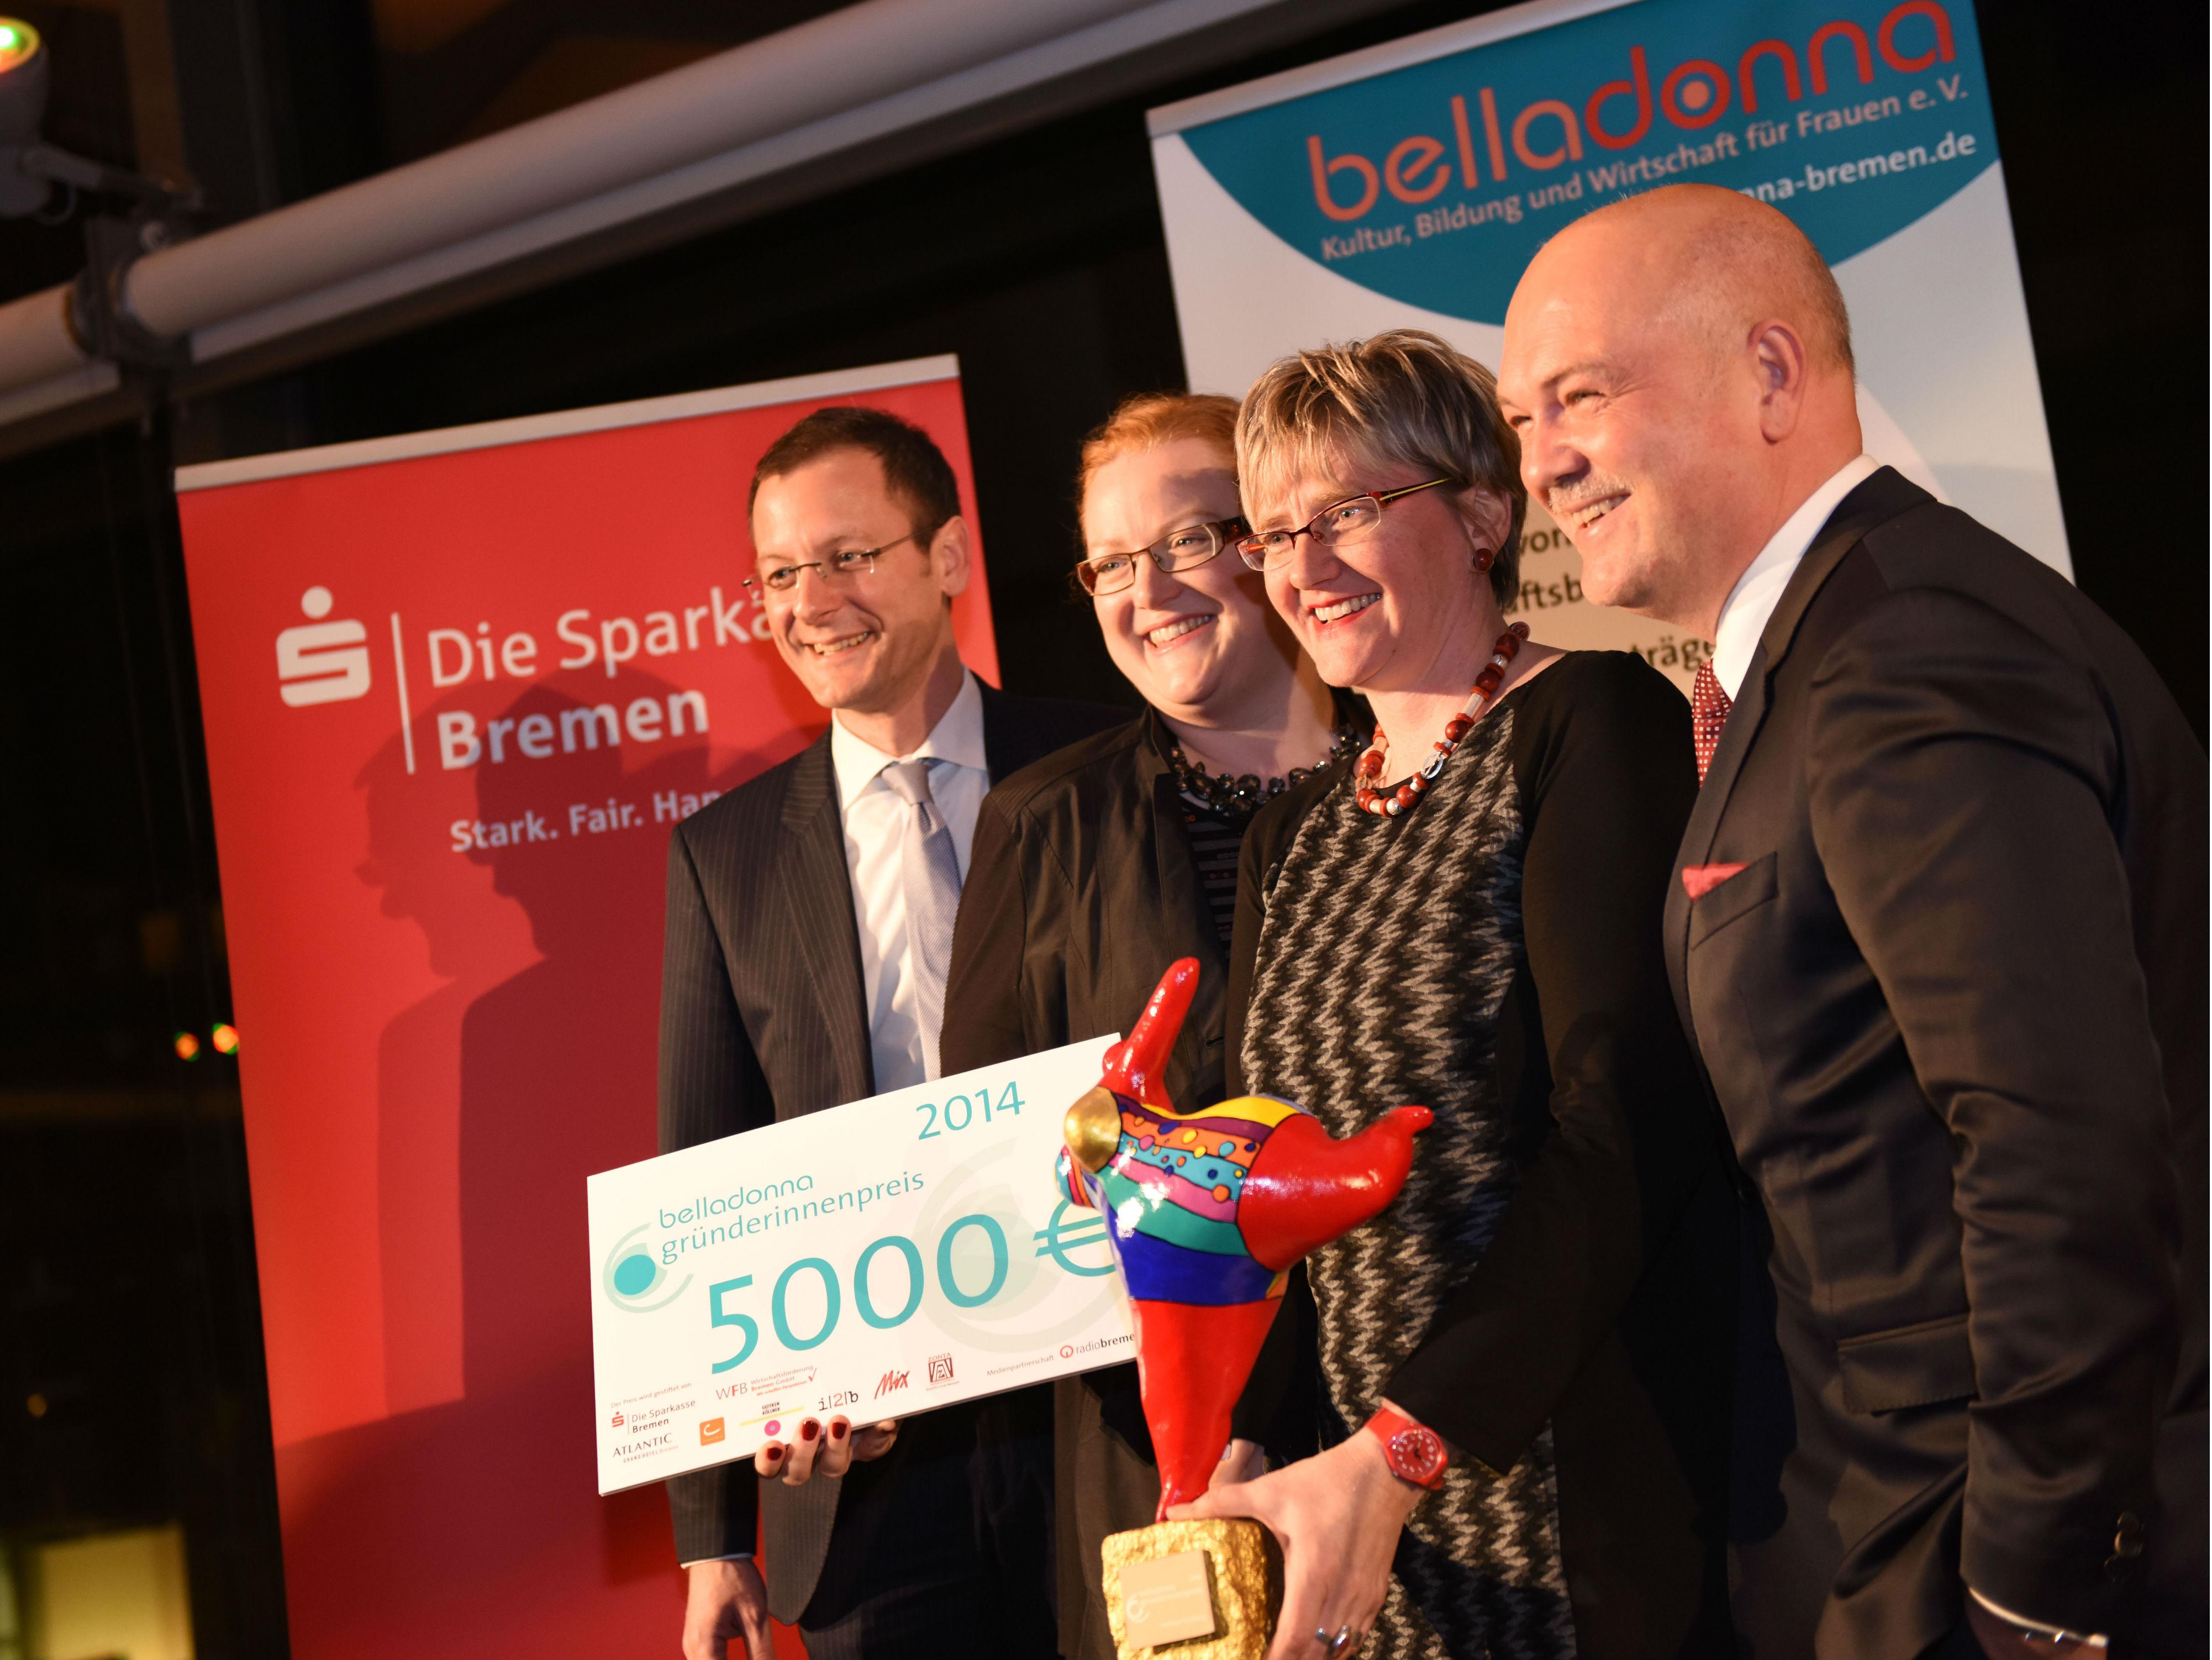 Verleihung des Gründerinnenpreises von belladonna